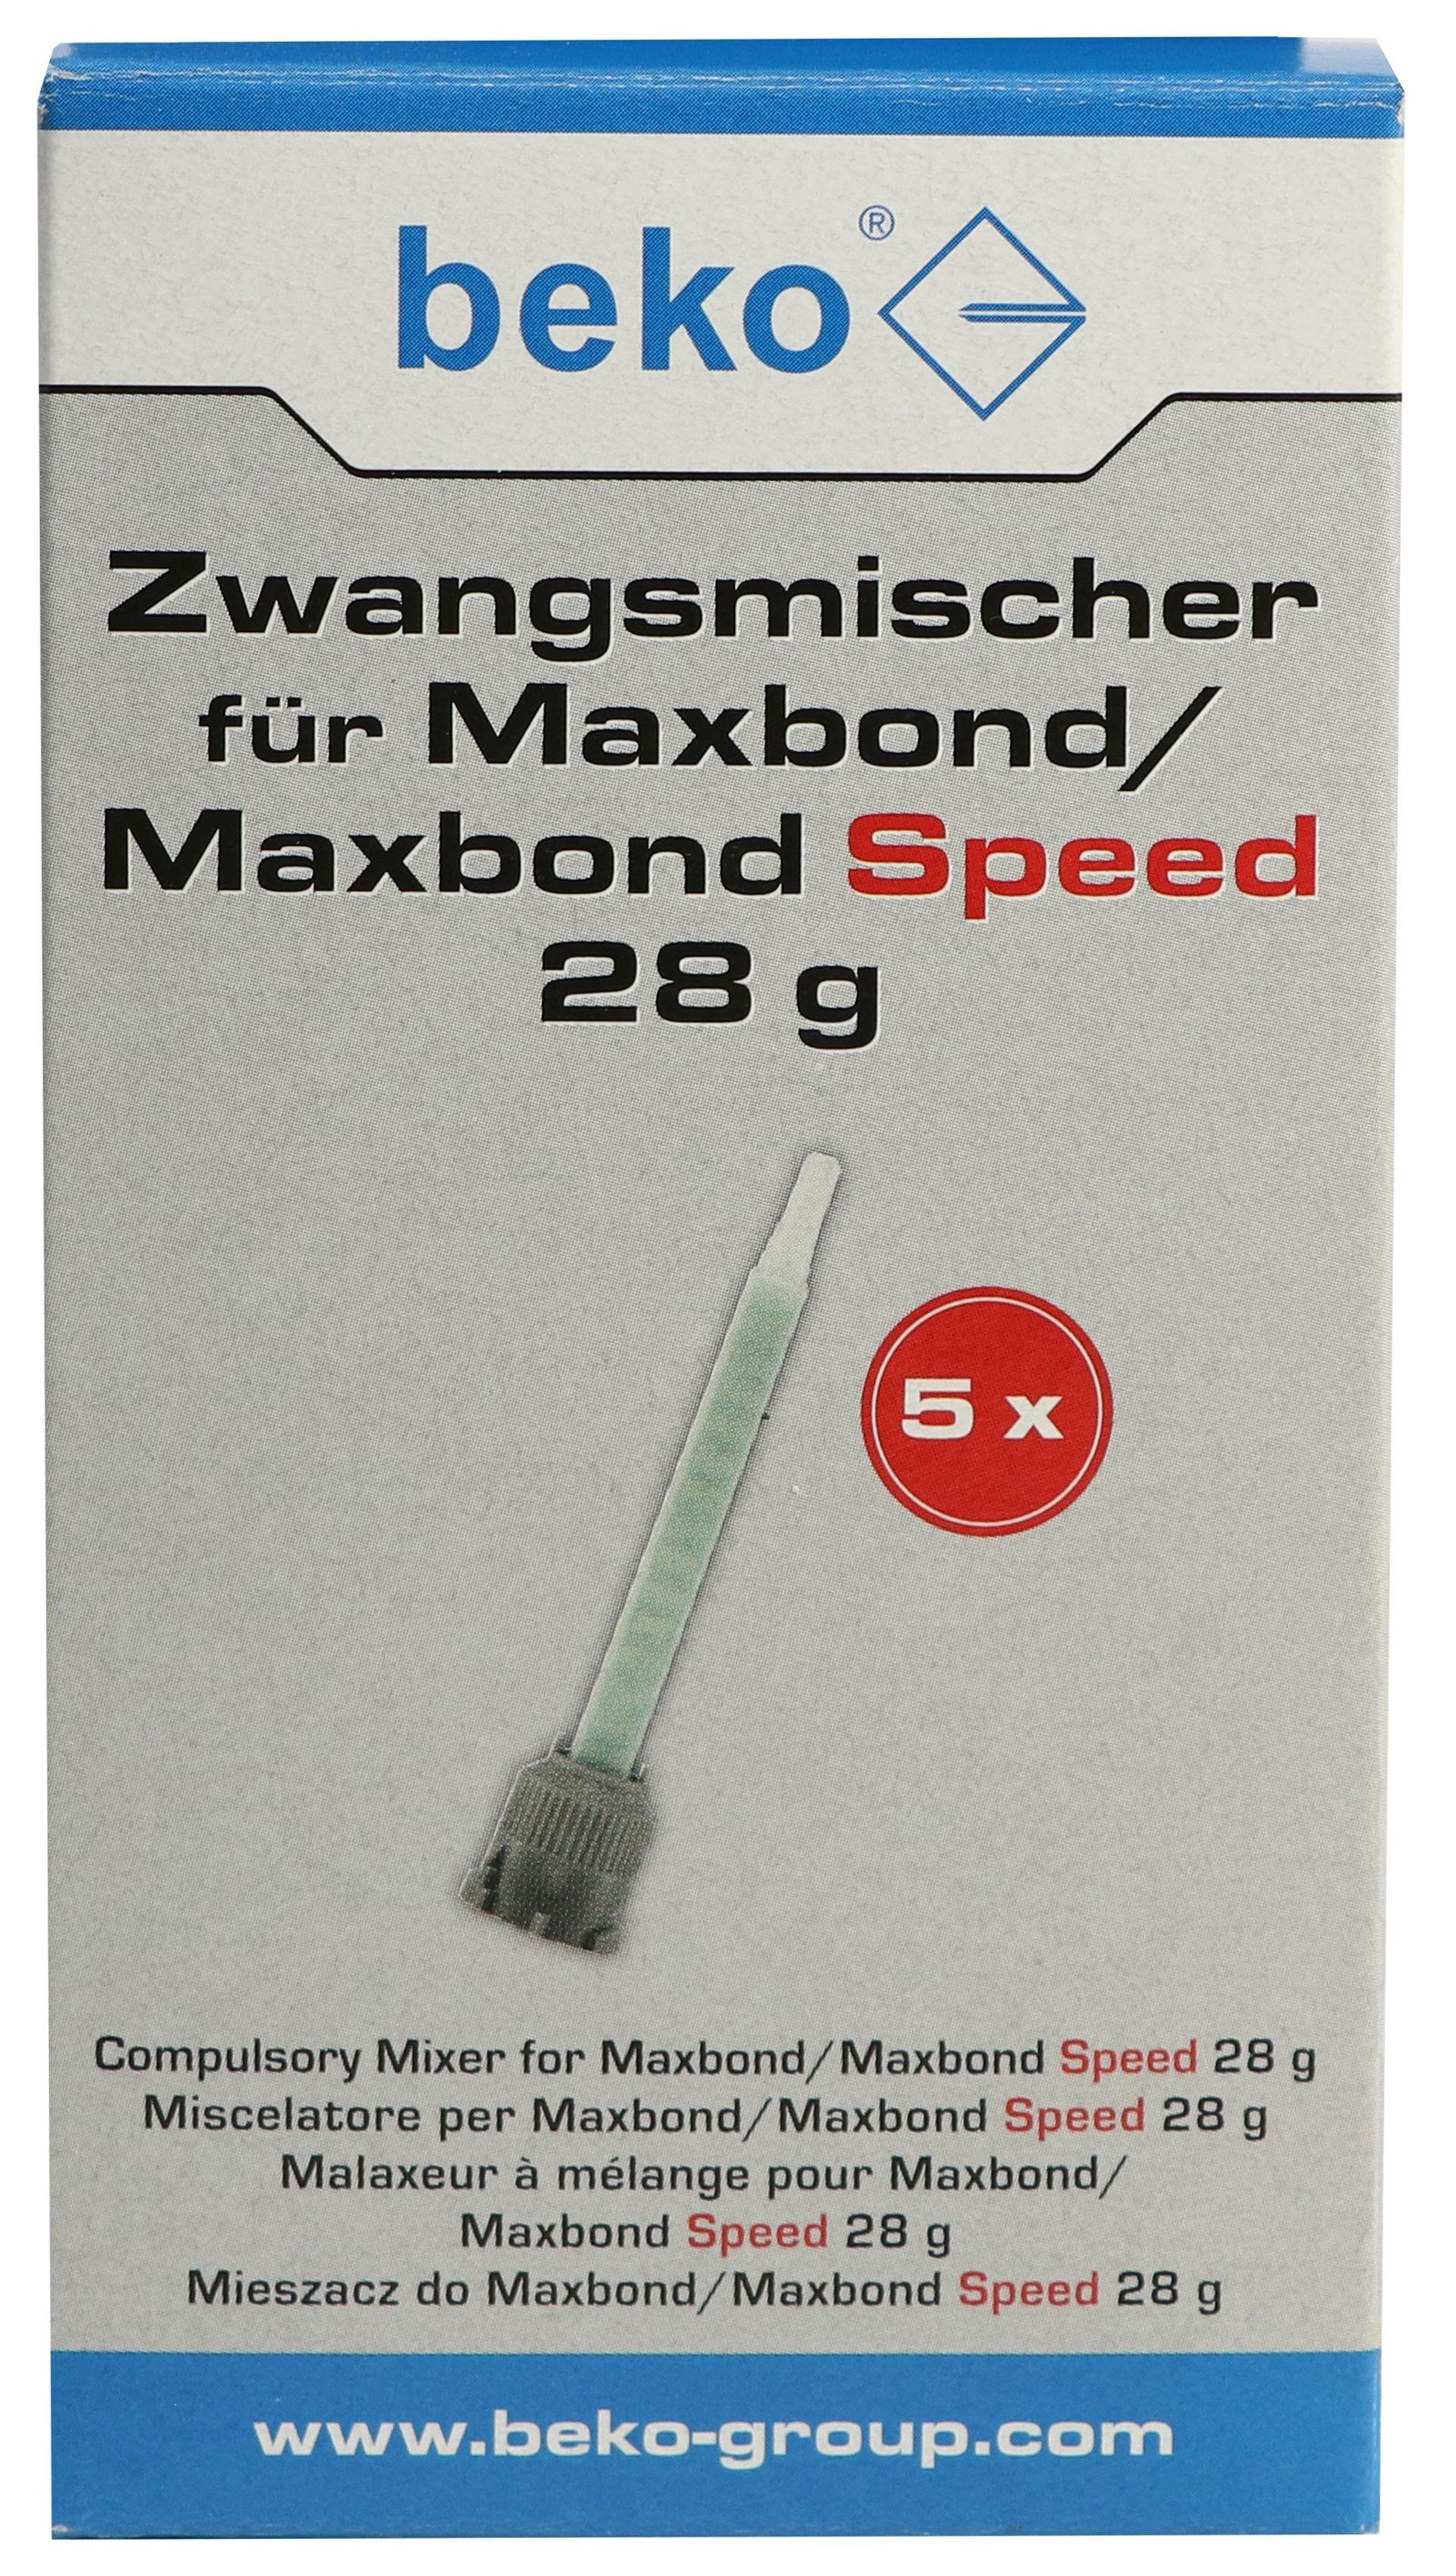 beko Zwangsmischer für Maxbond 28 g, 5-er Pack